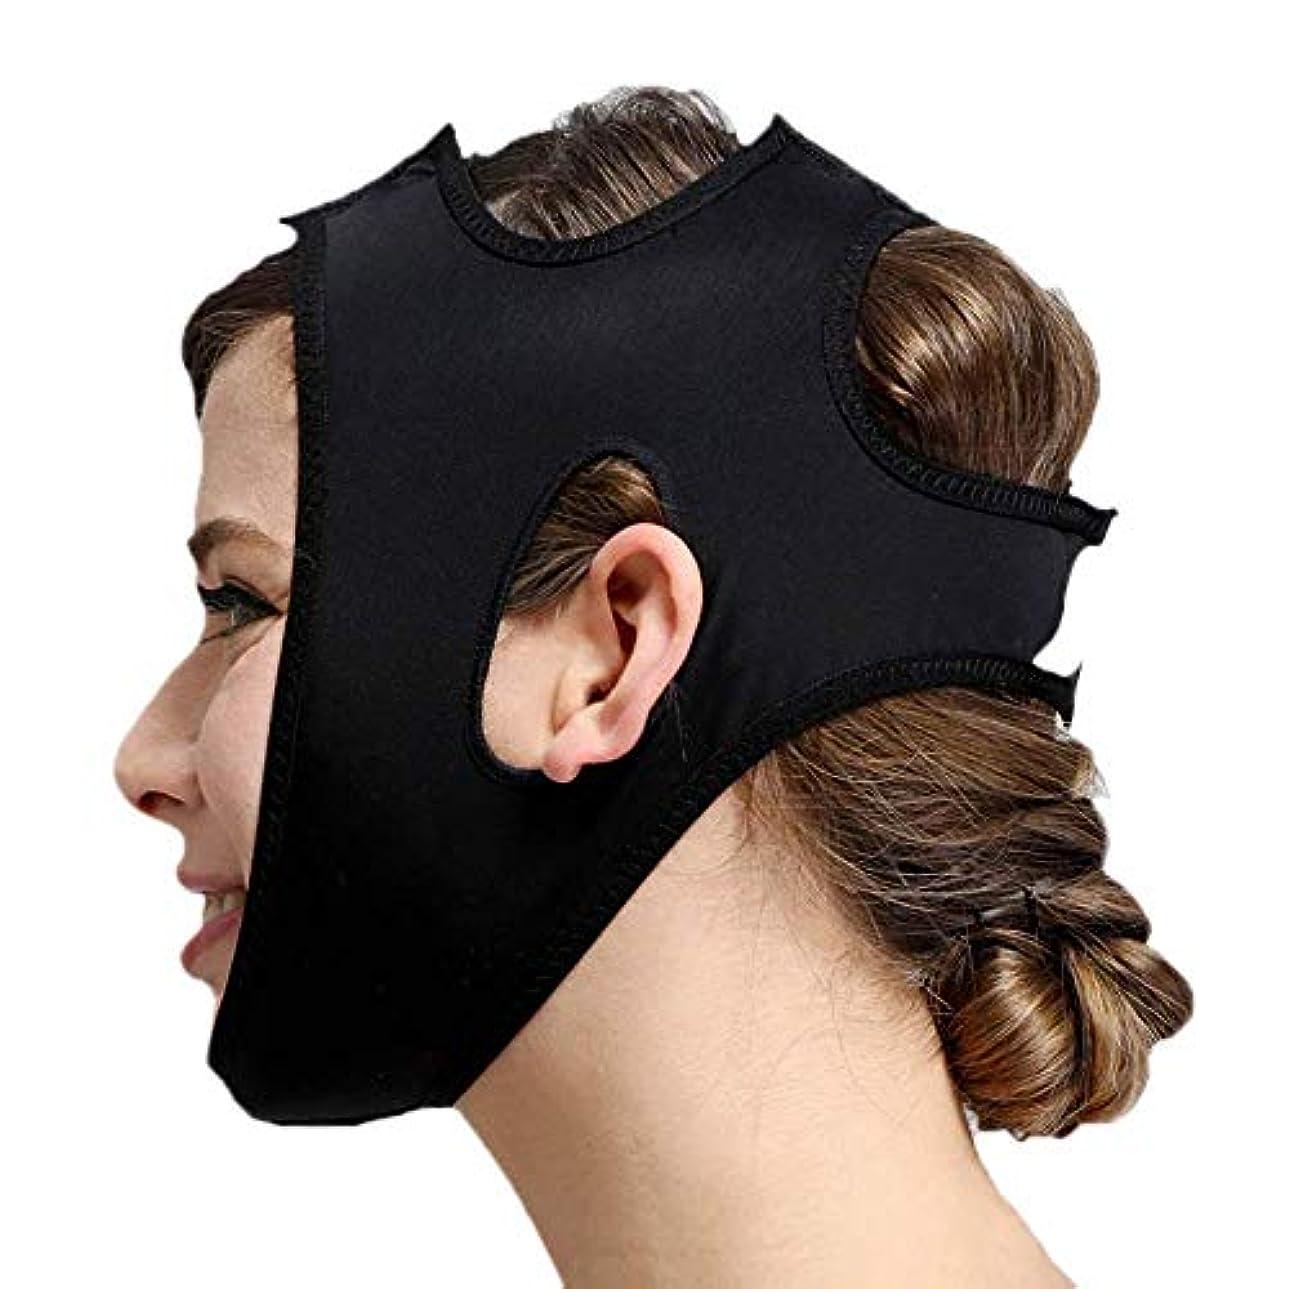 フェイススリミングマスク、快適さと通気性、フェイシャルリフティング、輪郭の改善された硬さ、ファーミングとリフティングフェイス(カラー:ブラック、サイズ:XL),黒、S